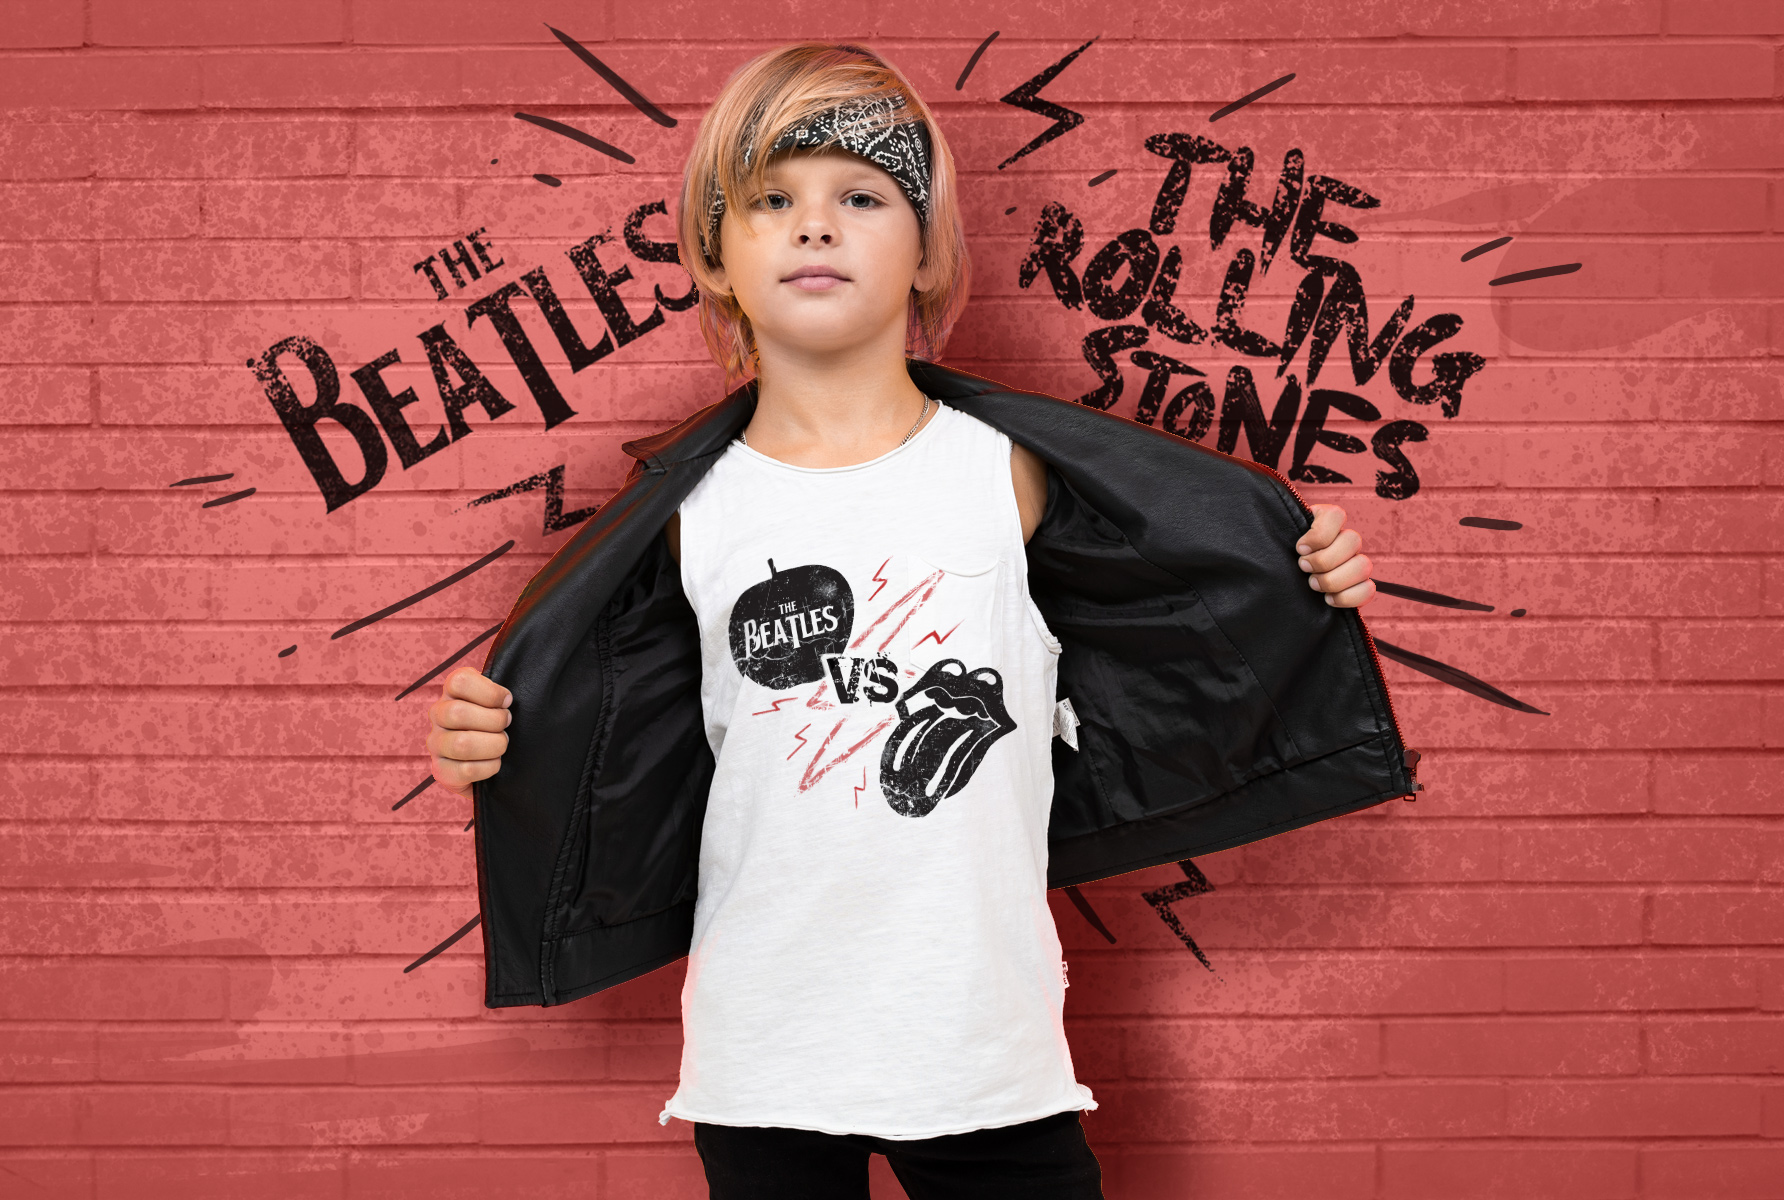 beatlestones mockup 5